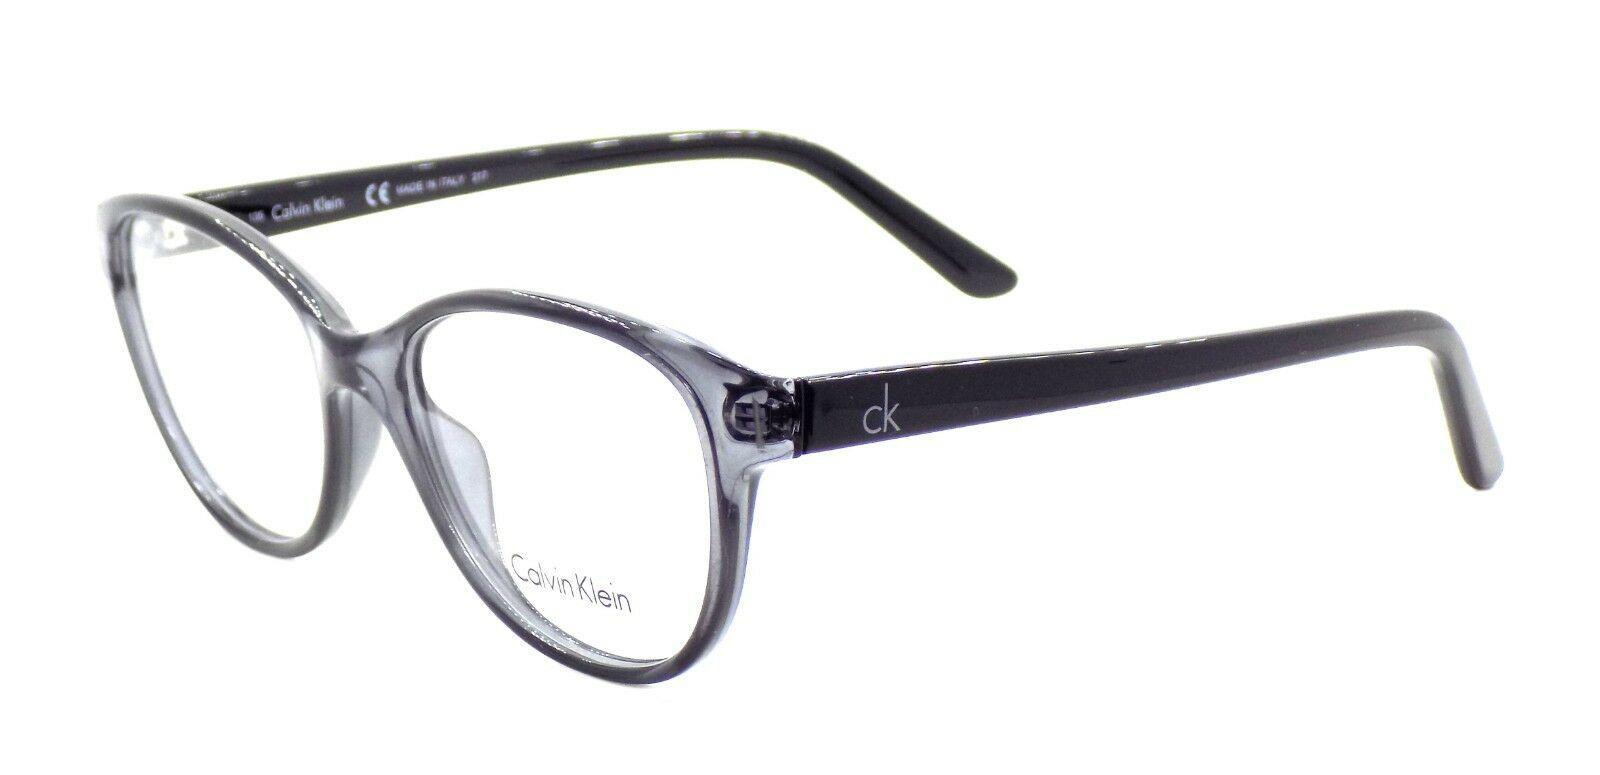 Calvin Klein CK5959 040 Women's Eyeglasses Frames Grey 51-16-135 + Case ITALY